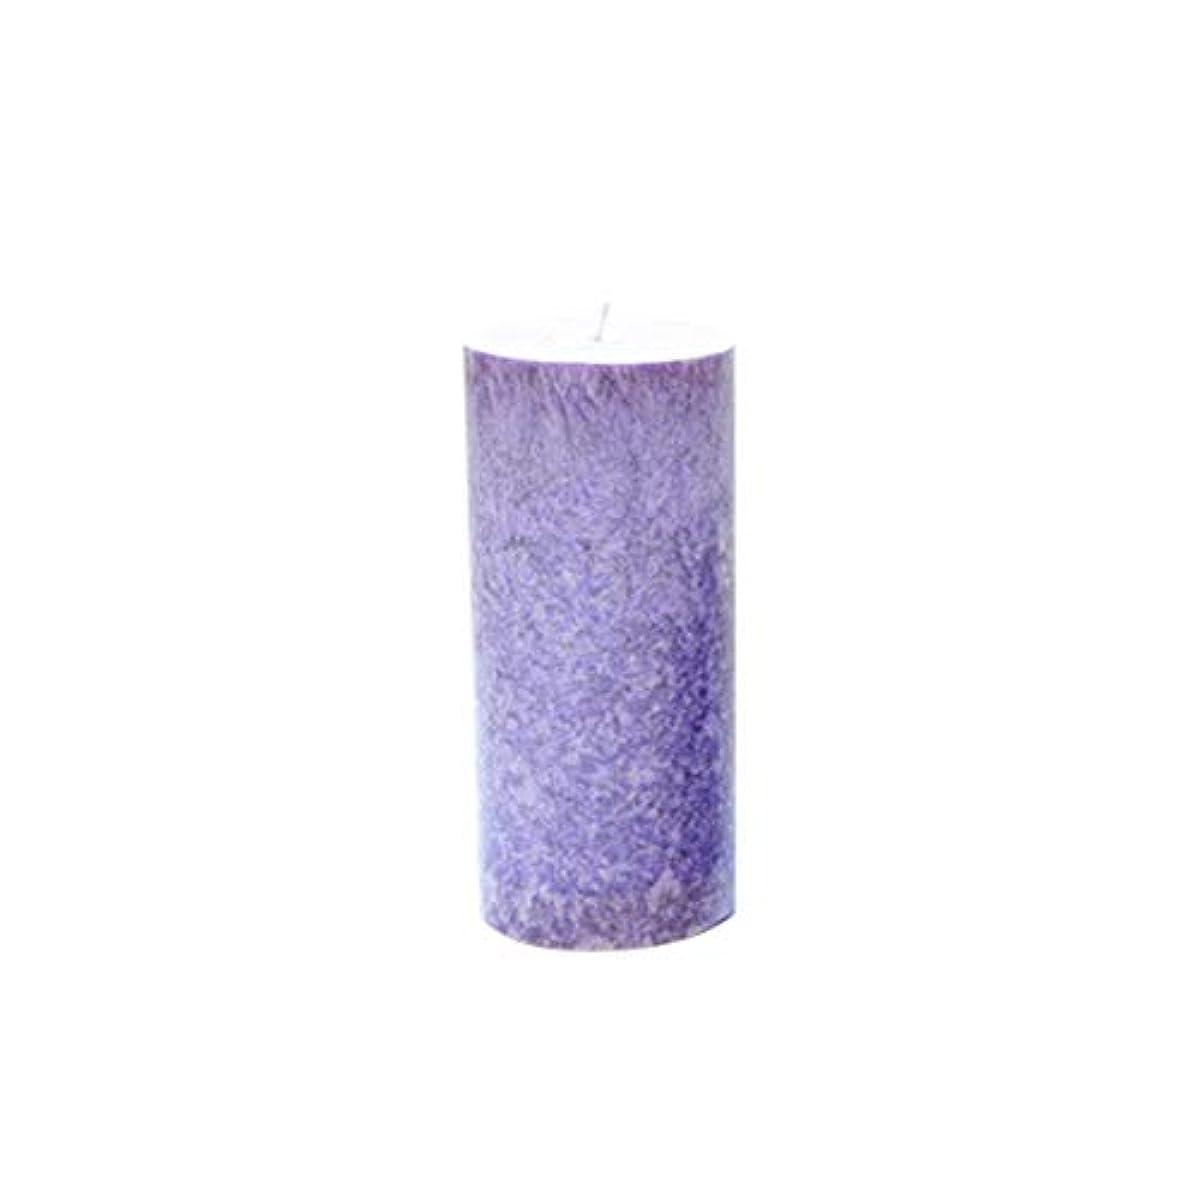 要塞または害Rakuby 香料入り 蝋燭 ロマンチック 紫色 ラベンダー アロマ療法 柱 蝋燭 祝祭 結婚祝い 無煙蝋燭